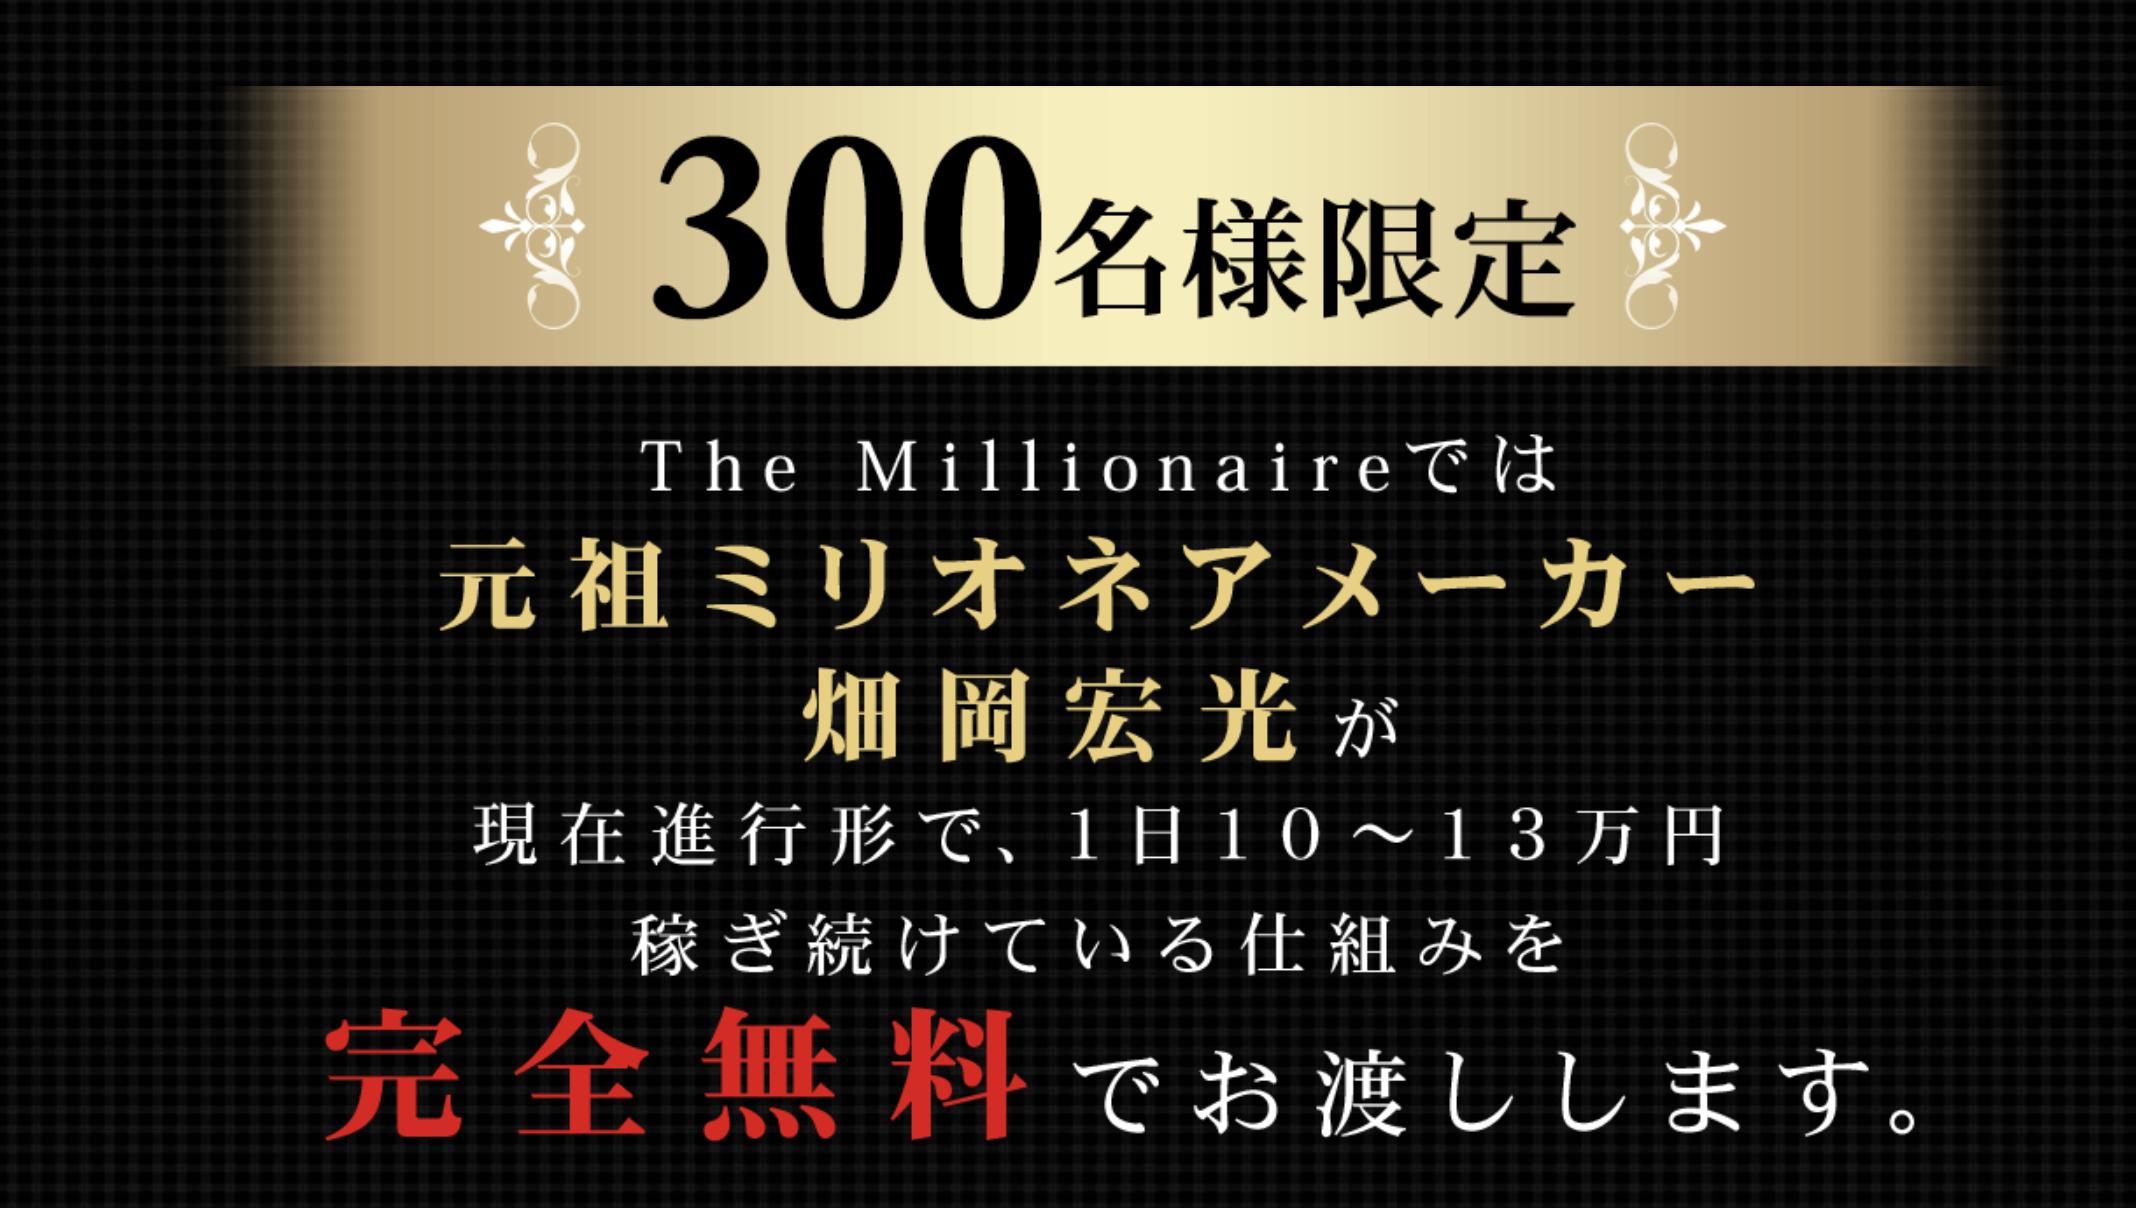 畑岡宏光のミリオネア(The Millionaire)詳細